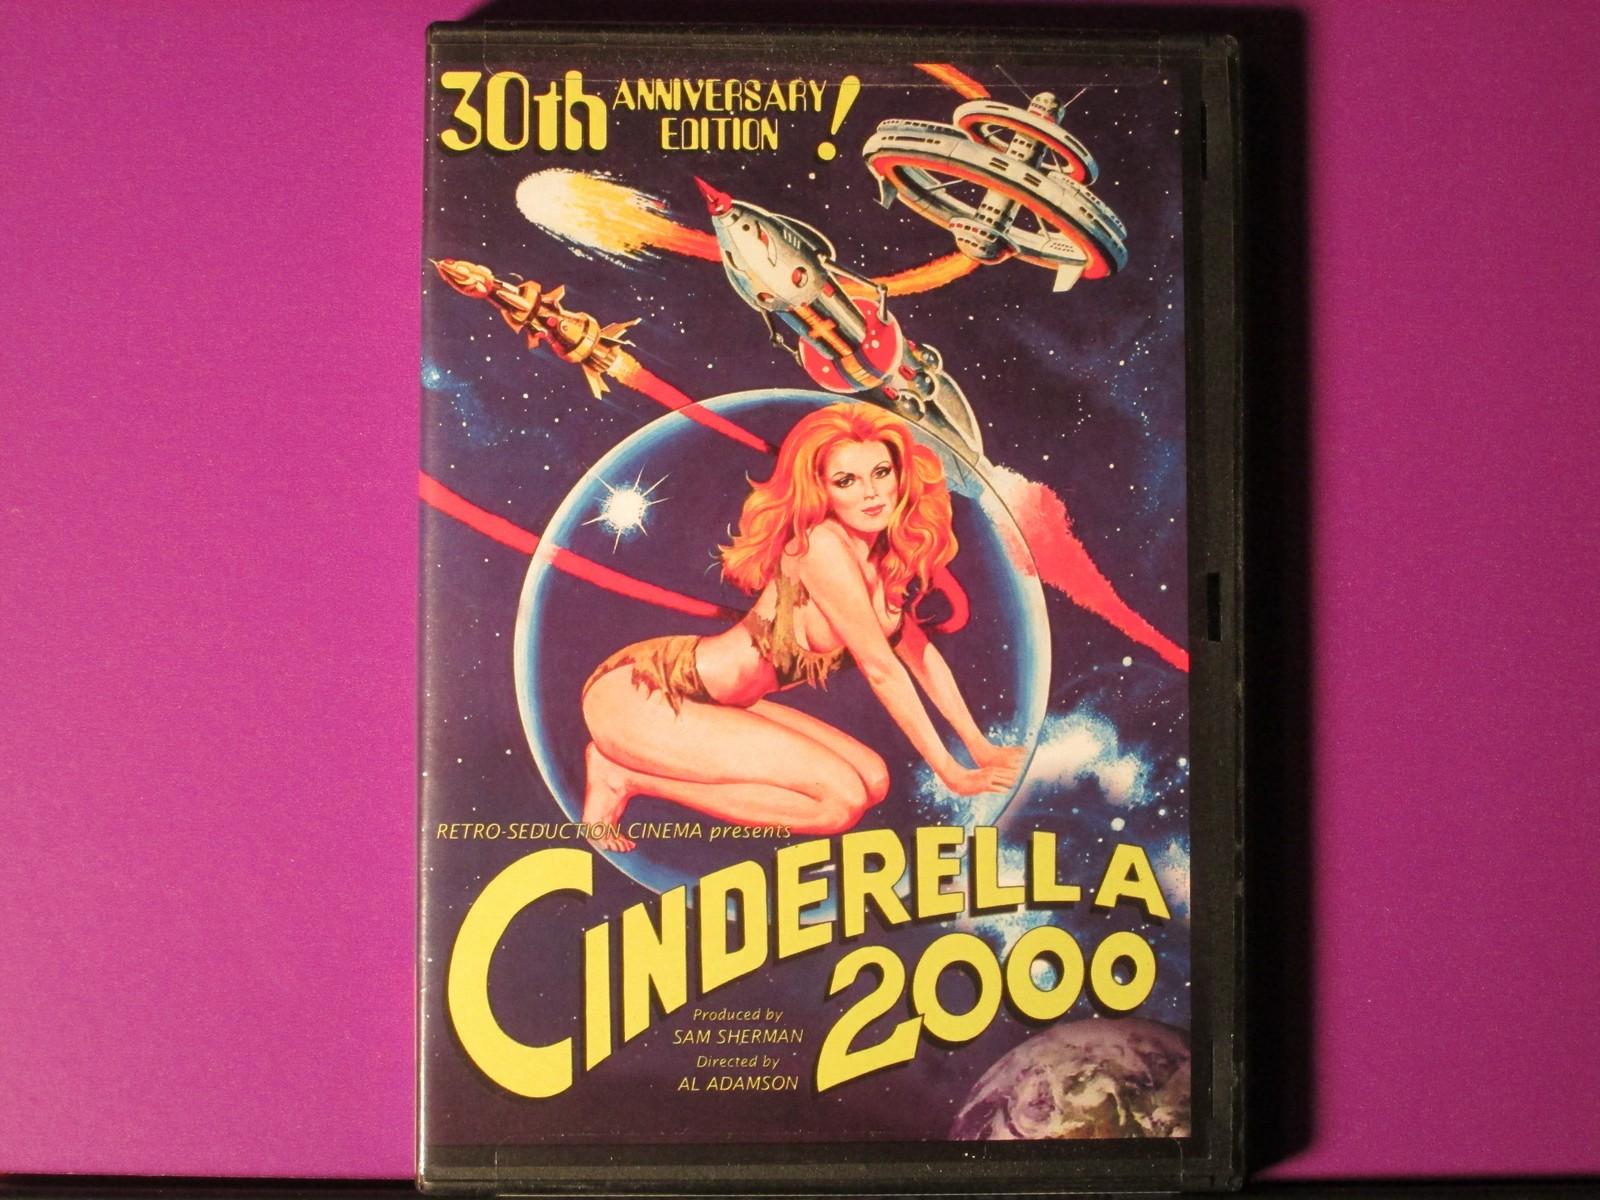 Cinderella 2000 - Seduction Cinema - Sweet N Evil